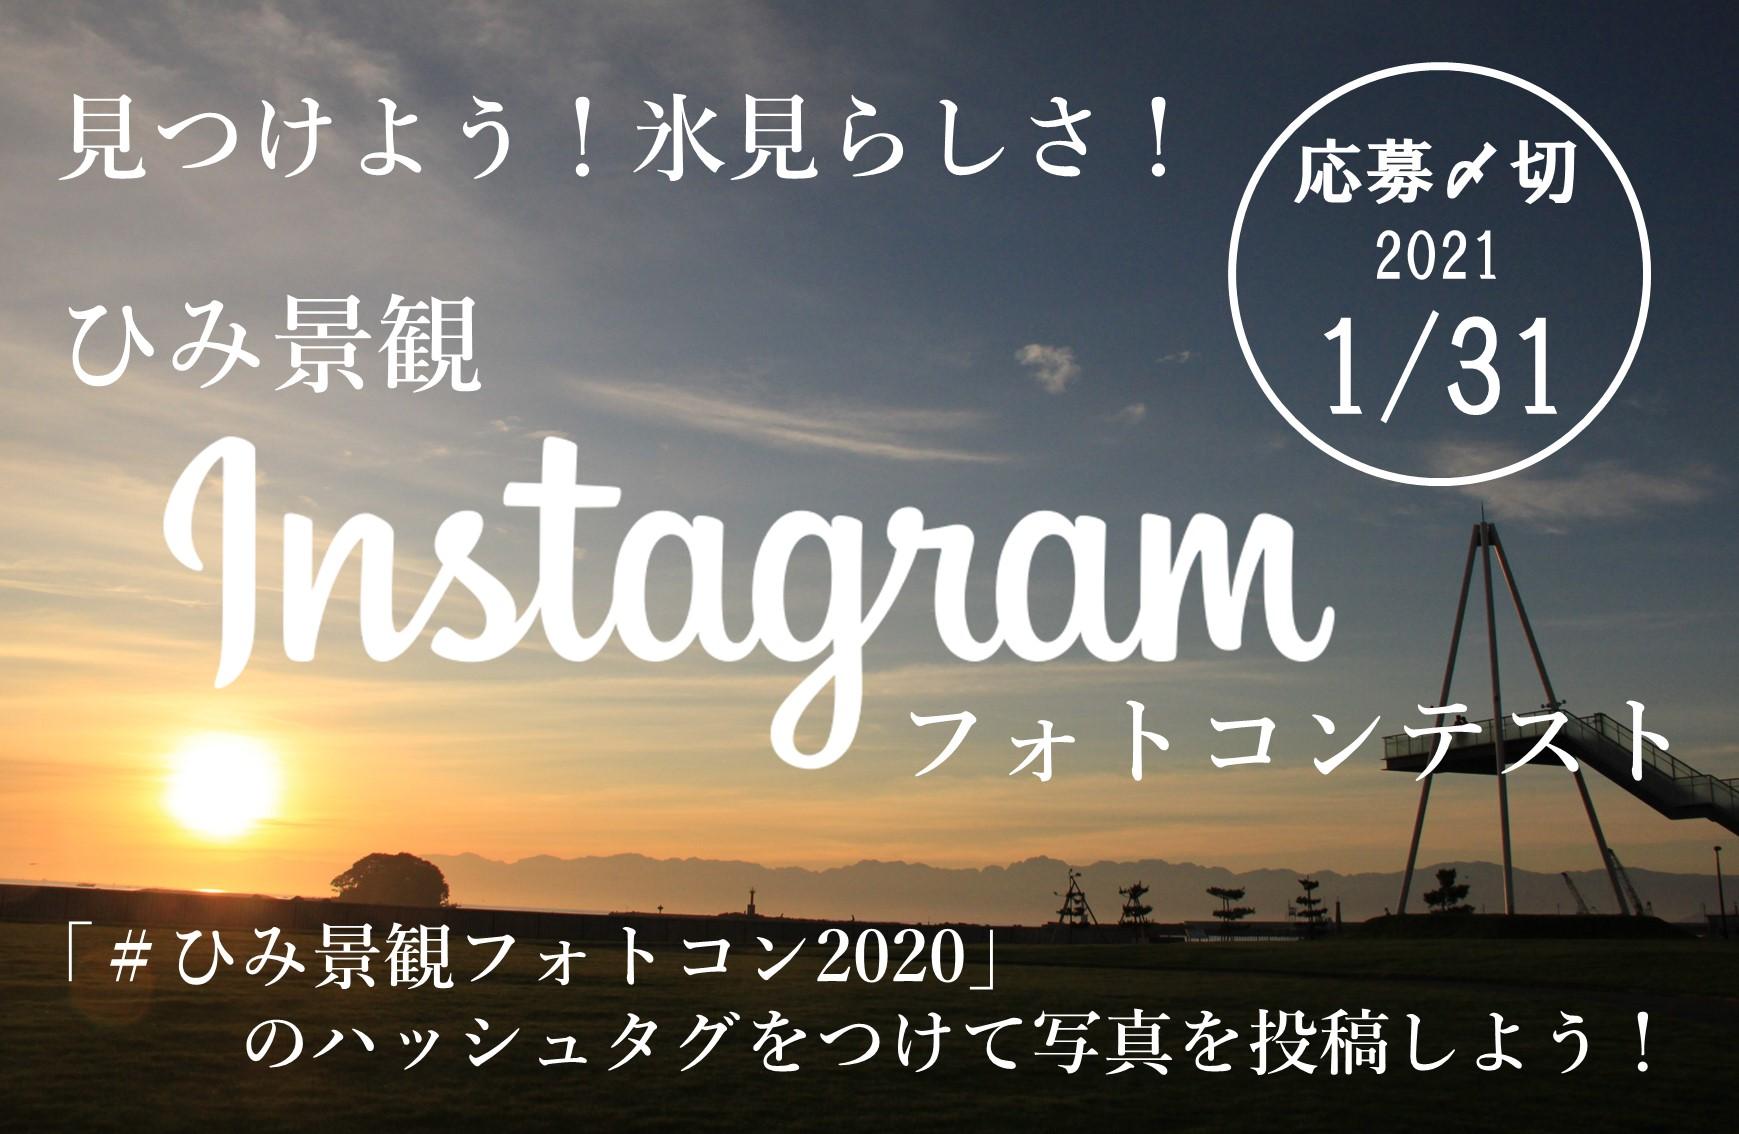 「ひみ景観インスタグラムフォトコンテスト」開催 富山・氷見市が自然、歴史、祭りなどの写真を募集 | b.[ビードット]